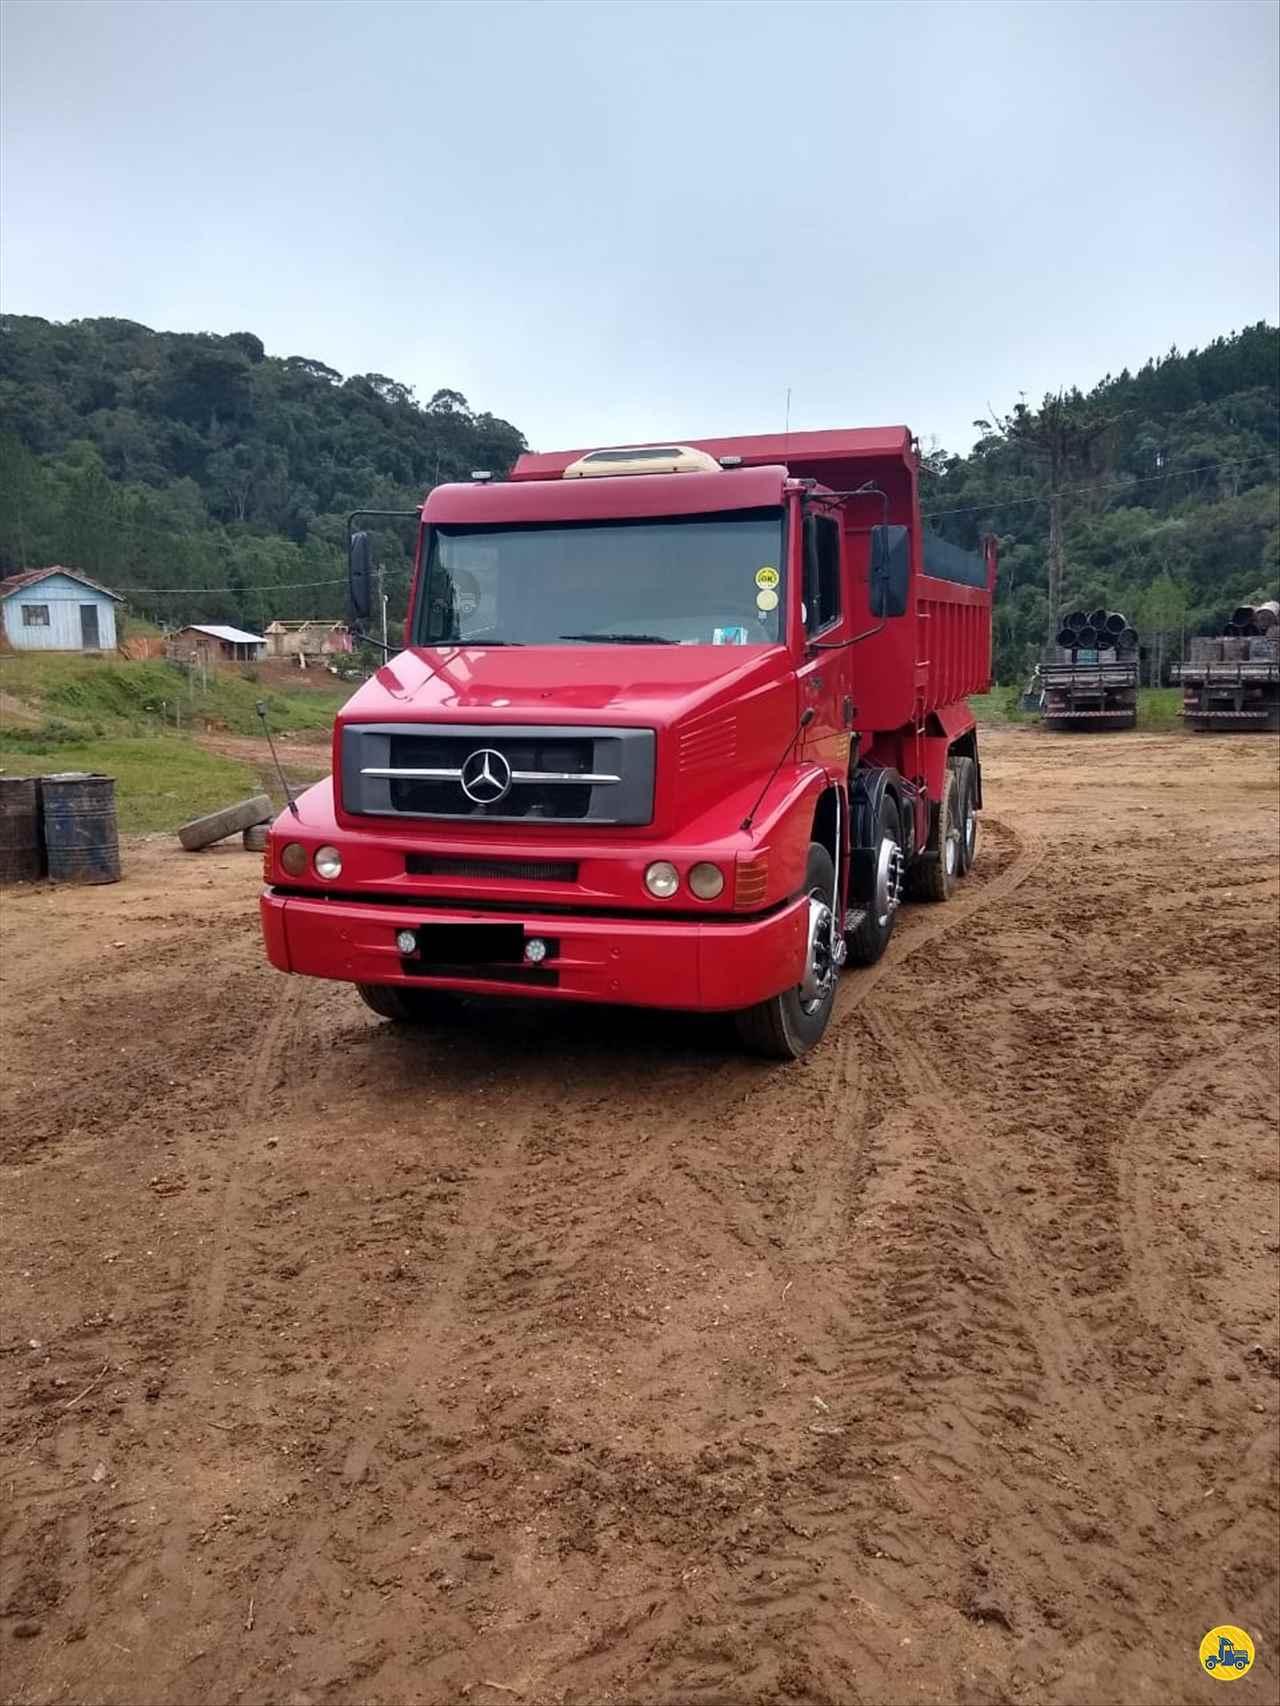 CAMINHAO MERCEDES-BENZ MB 1620 Caçamba Basculante BiTruck 8x2 Wilson Caminhões RIBEIRAO PIRES SÃO PAULO SP